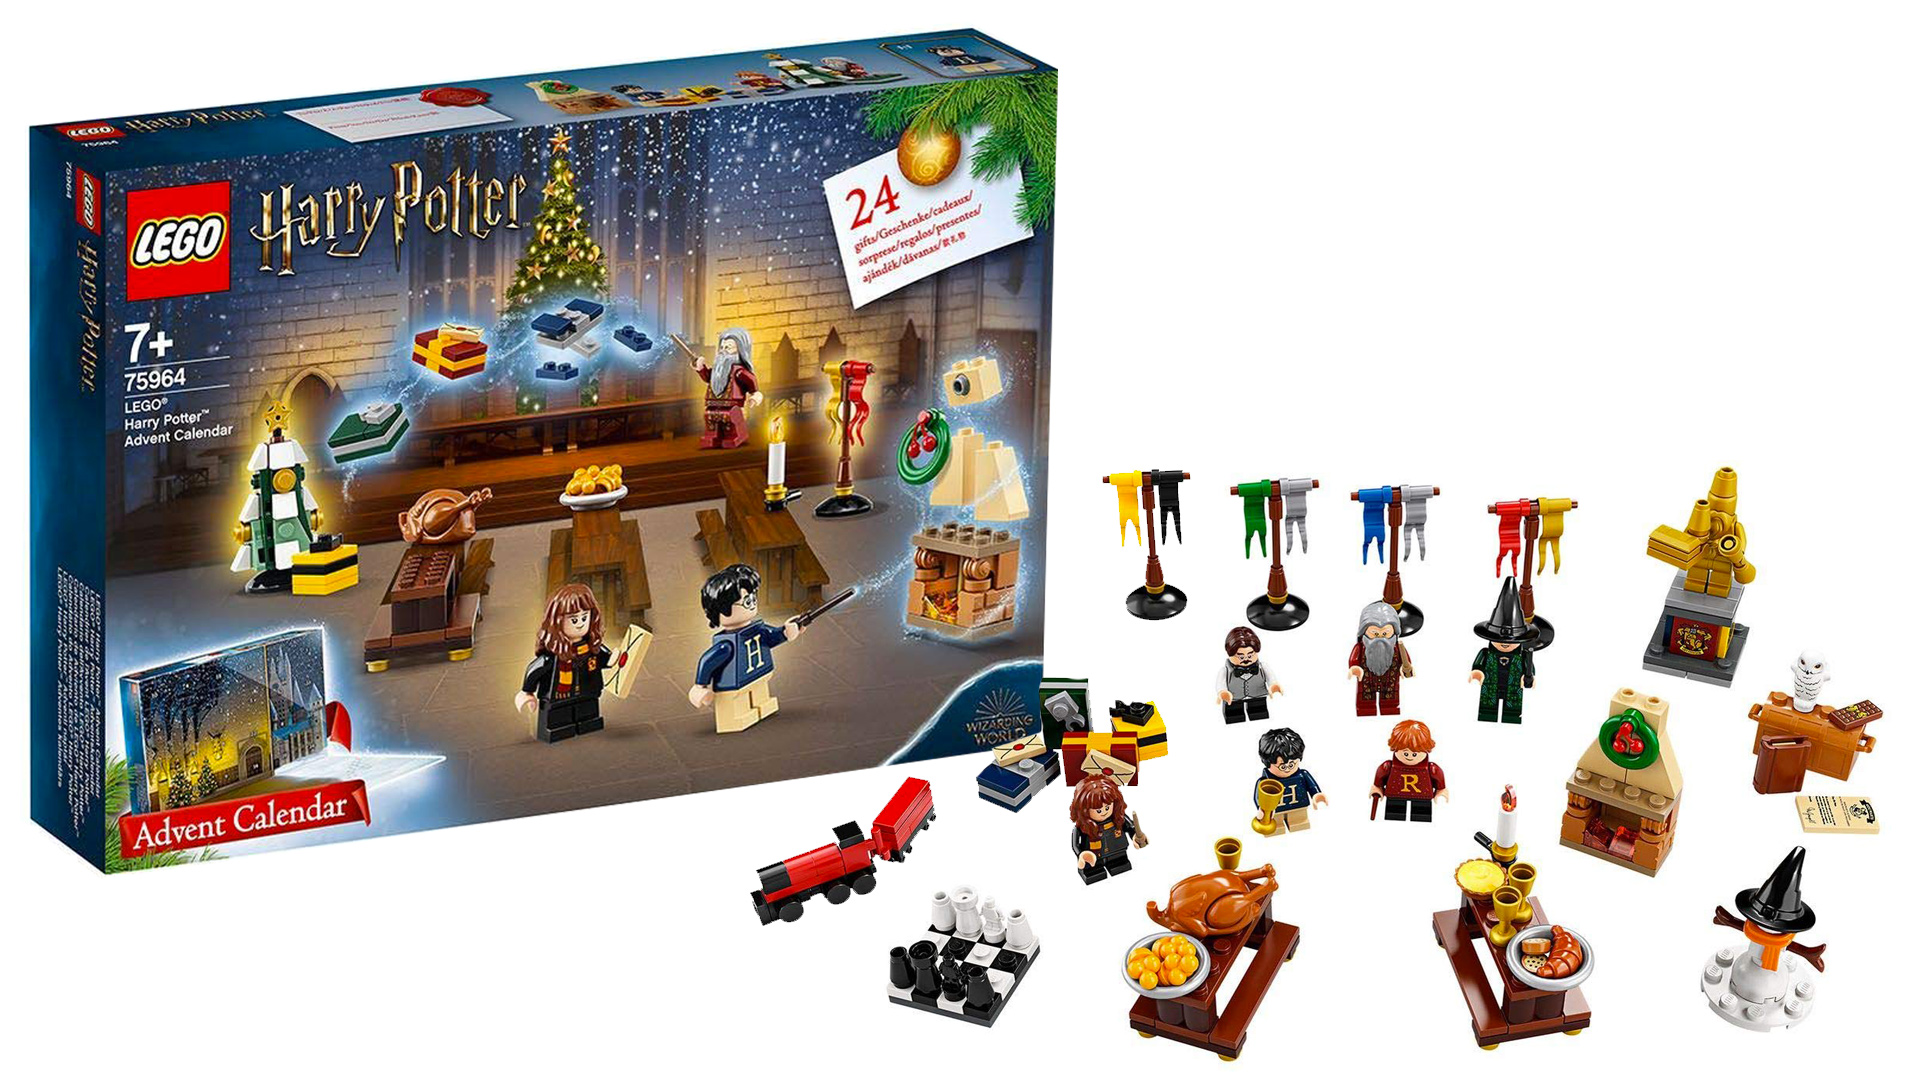 LEGO Harry Potter, è arrivato il calendario dell'avvento ...